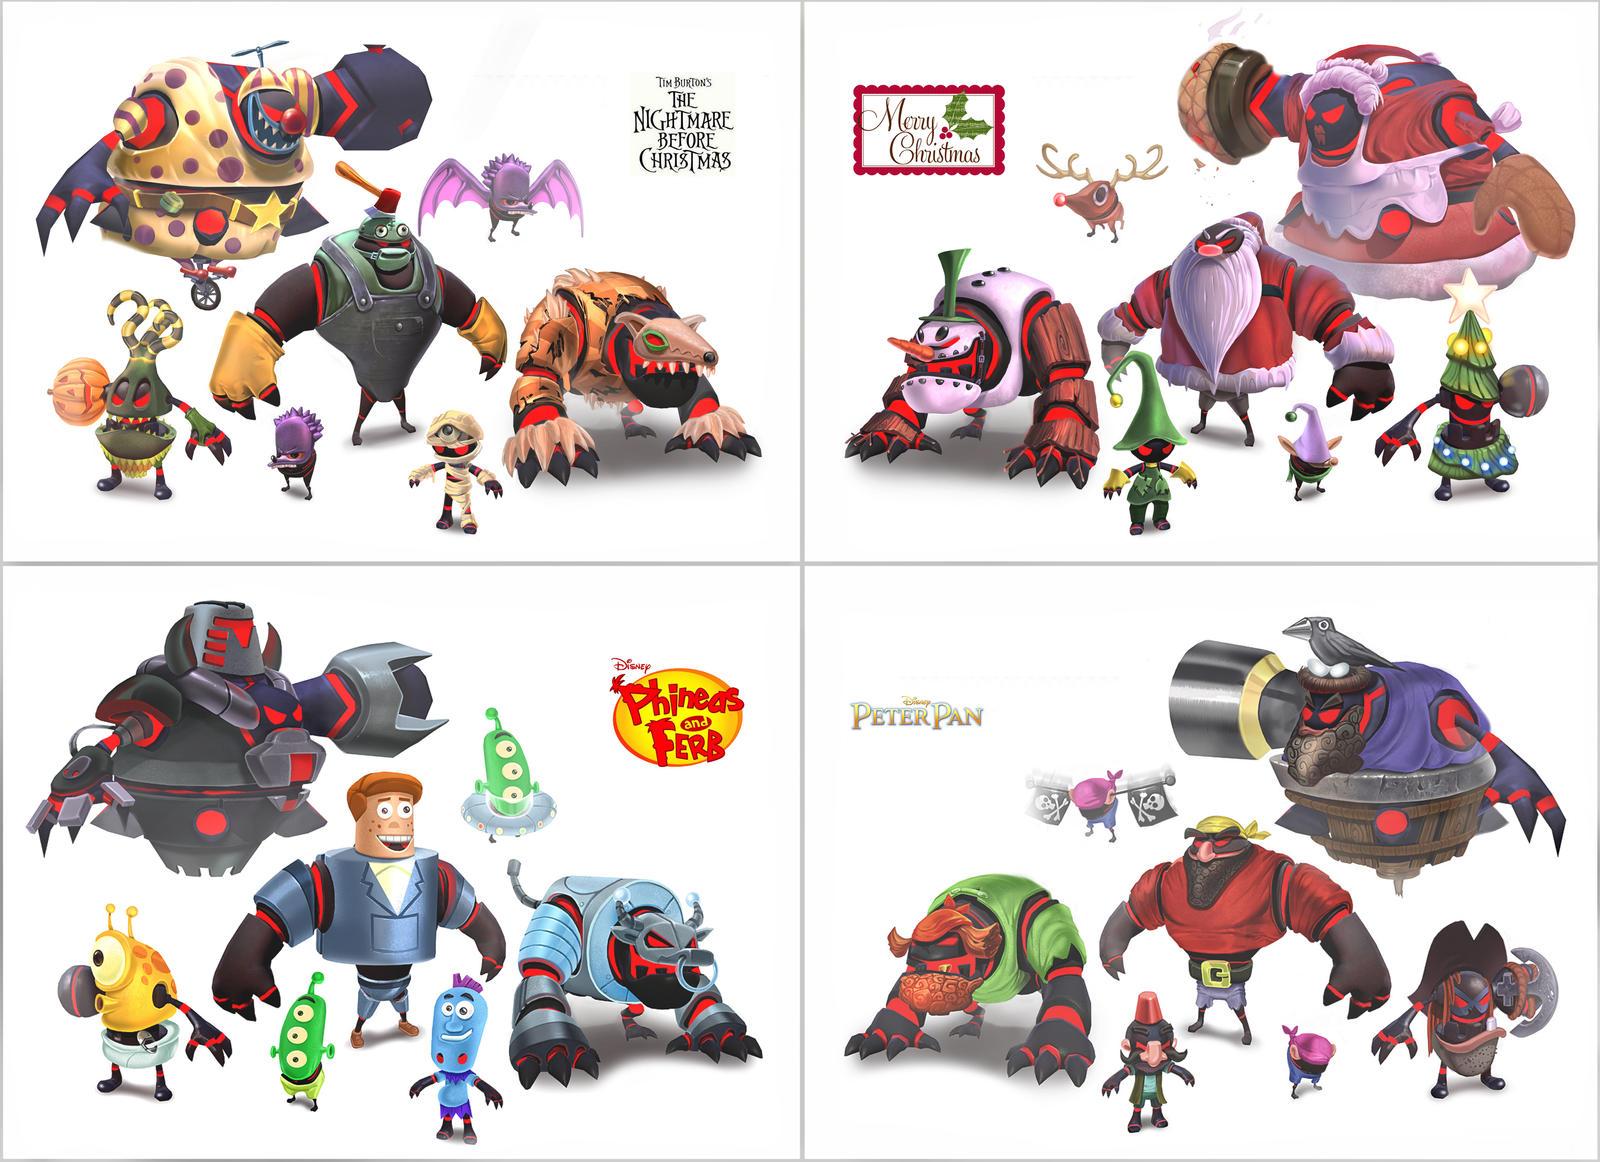 Disney Universe Bad Guy Concepts